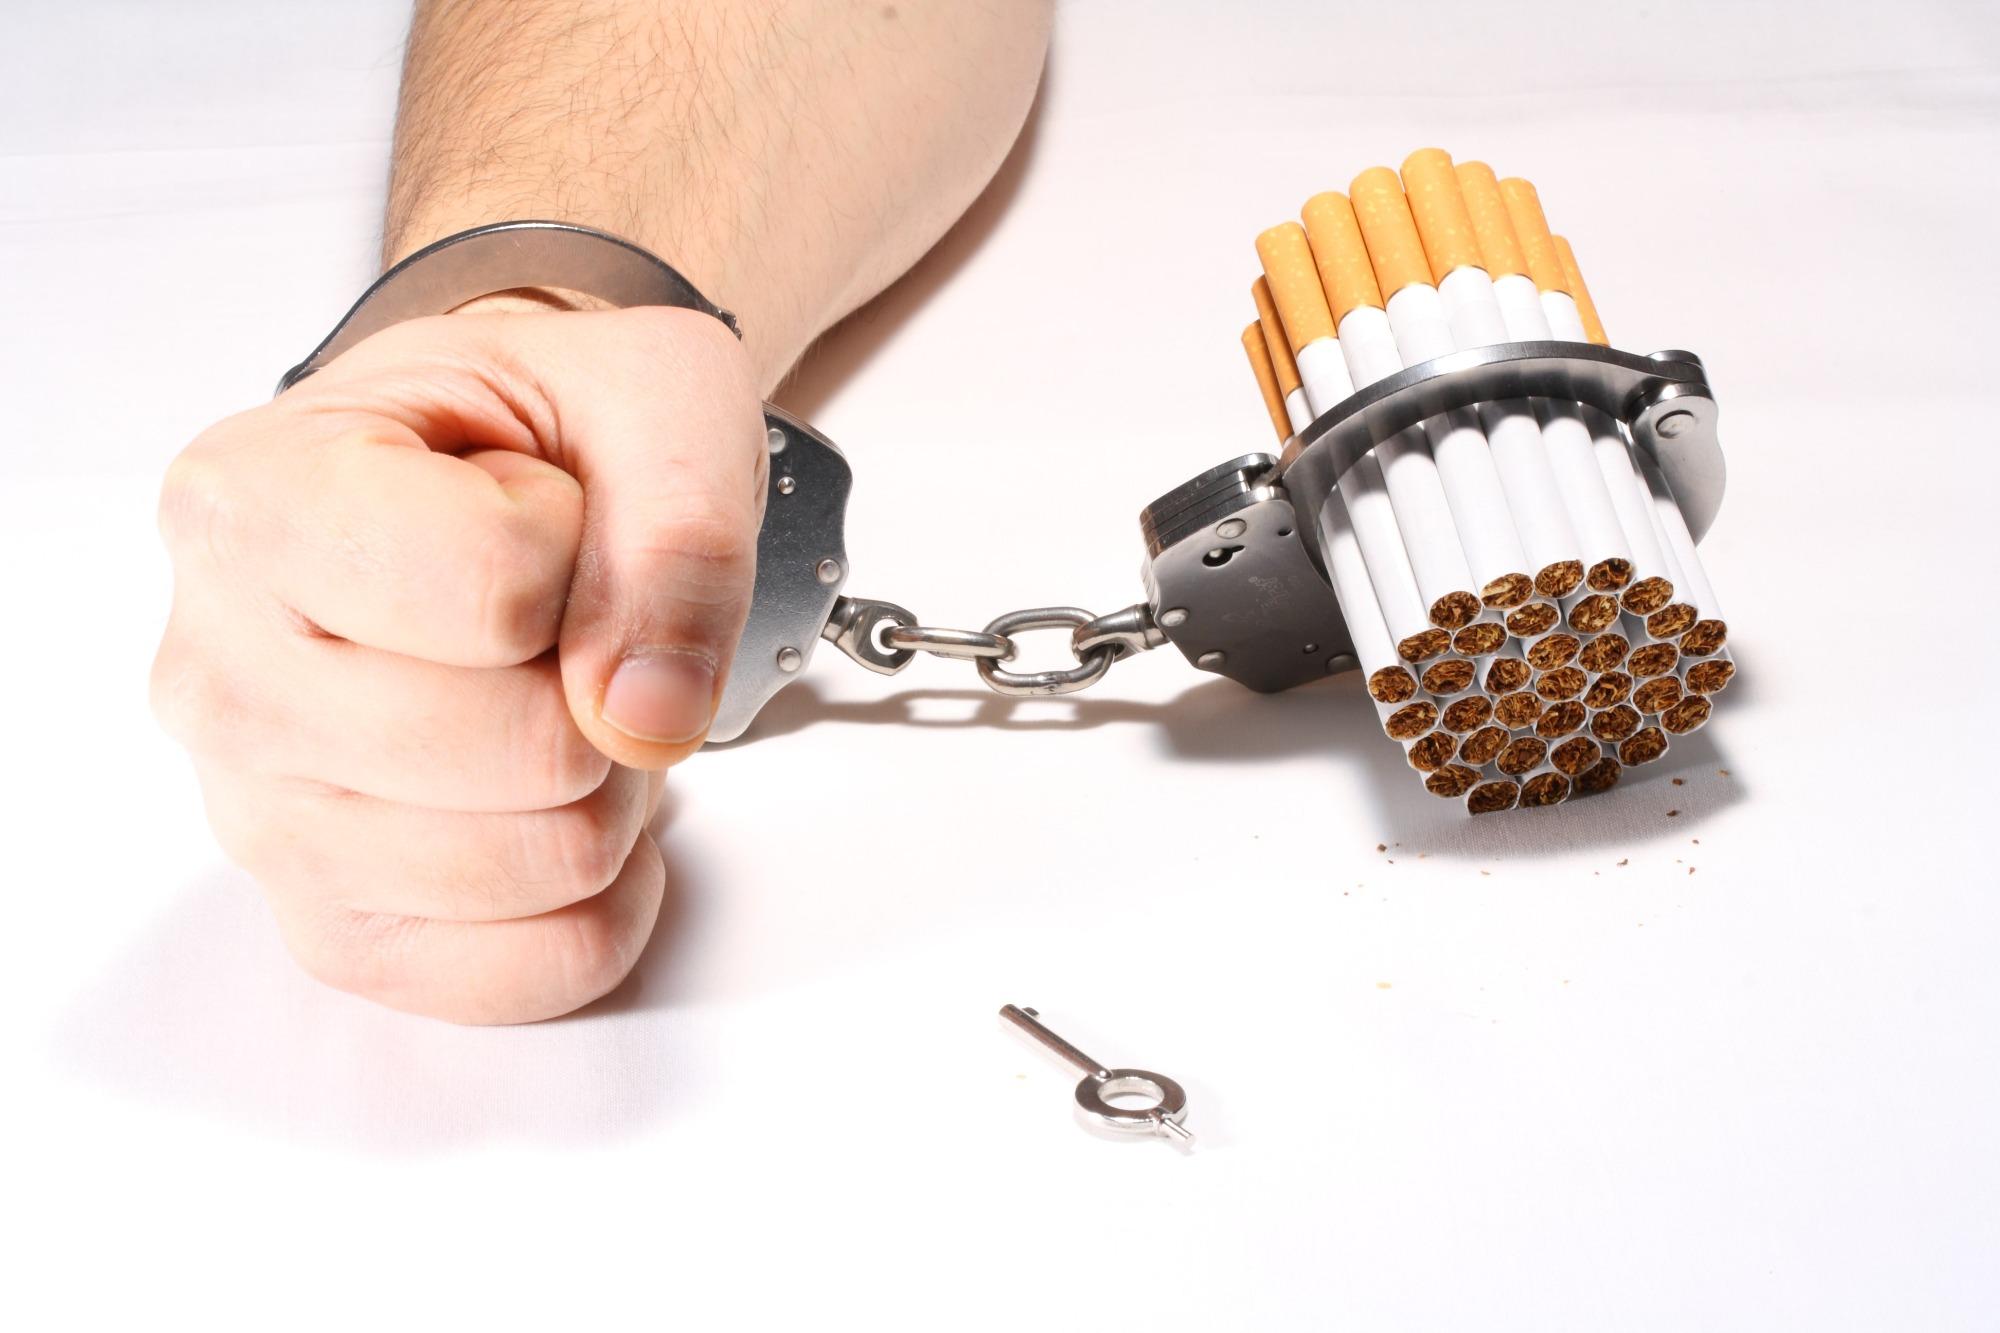 Hoe omgaan met moeilijke momenten tijdens het stoppen met roken?